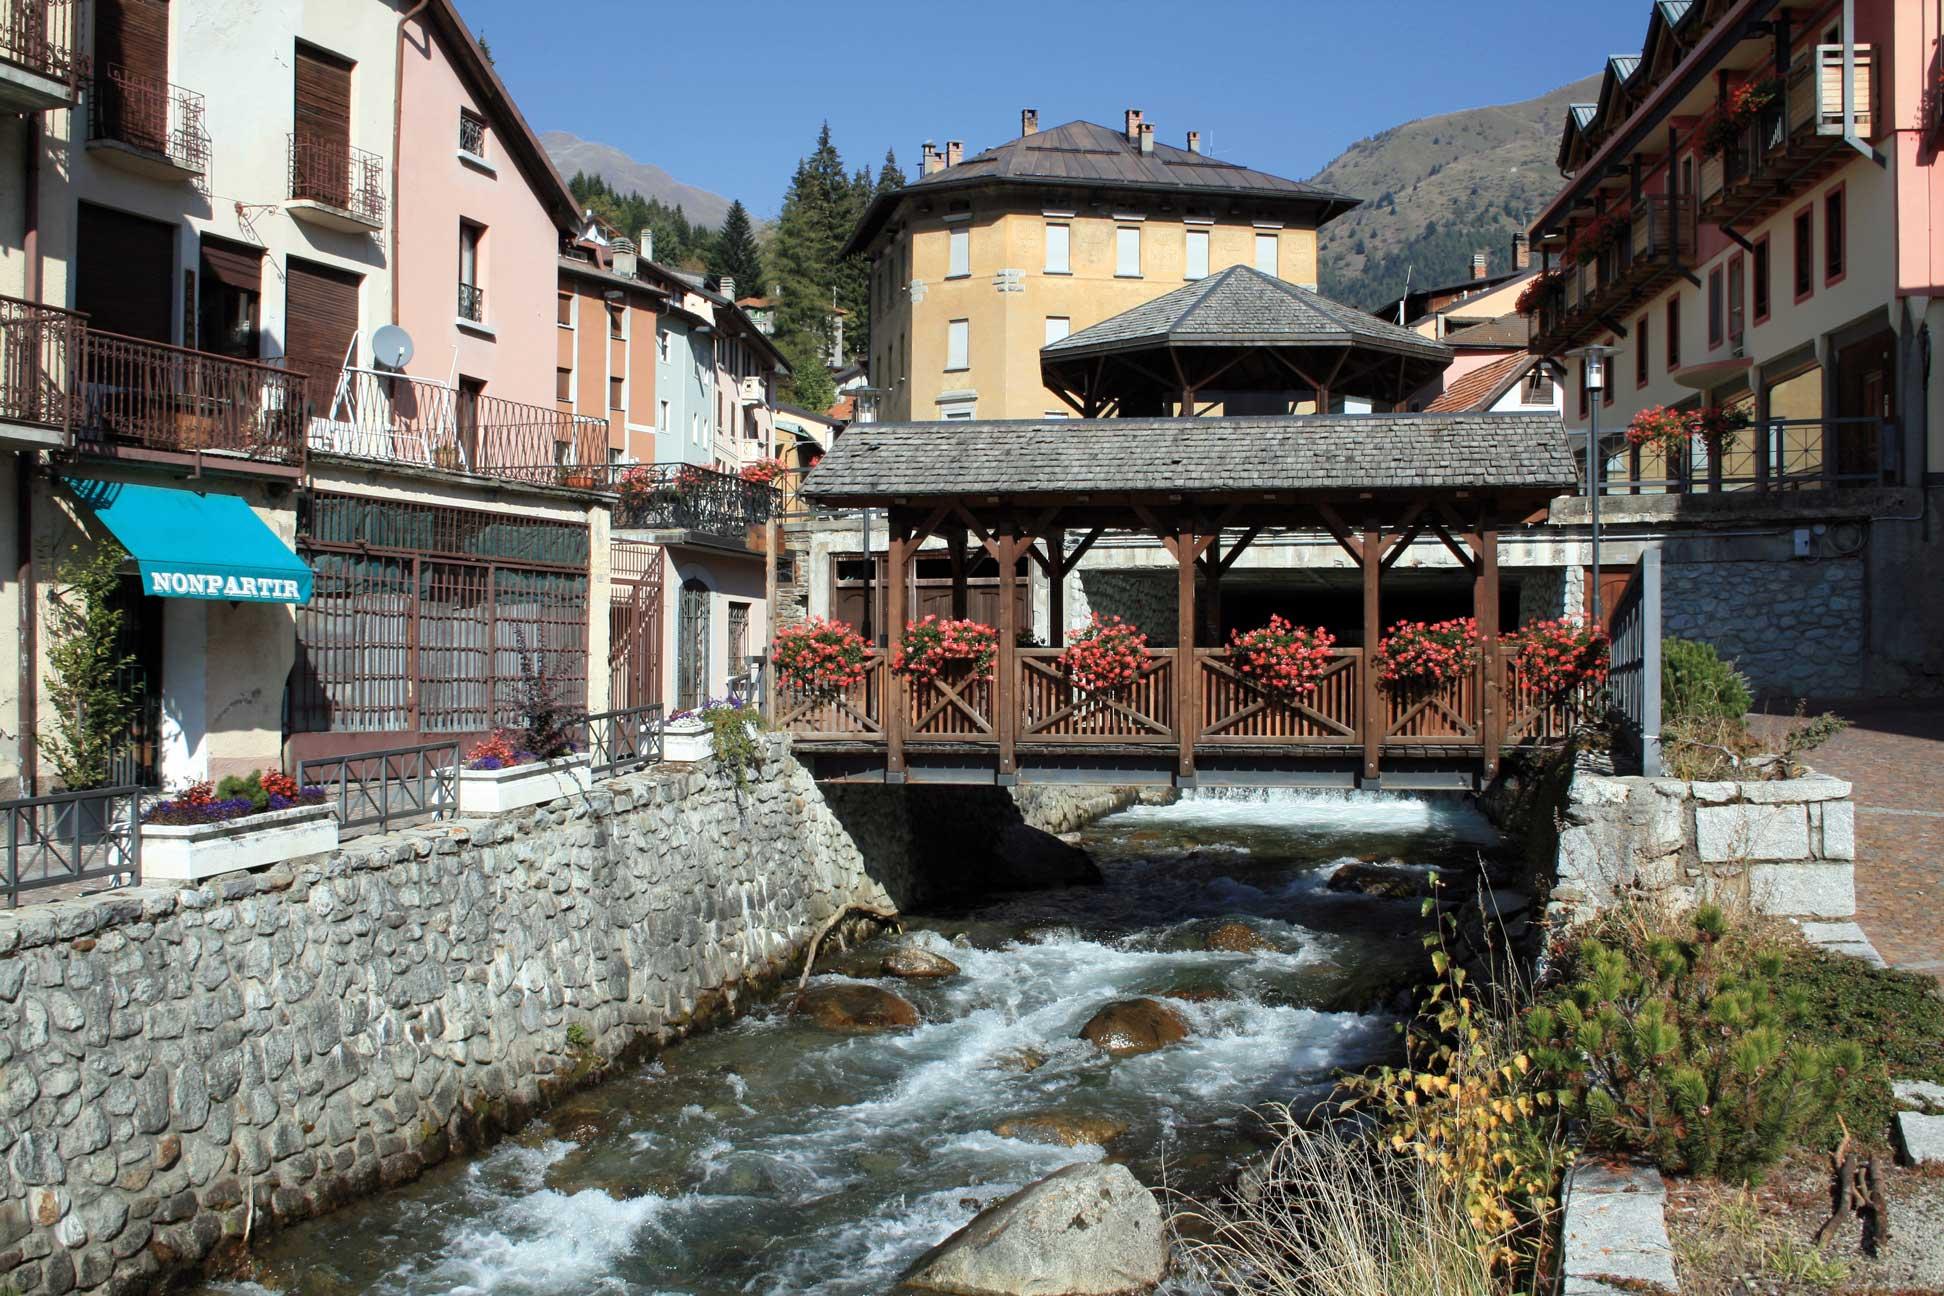 Frigidolfo---Ponte-di-Legno